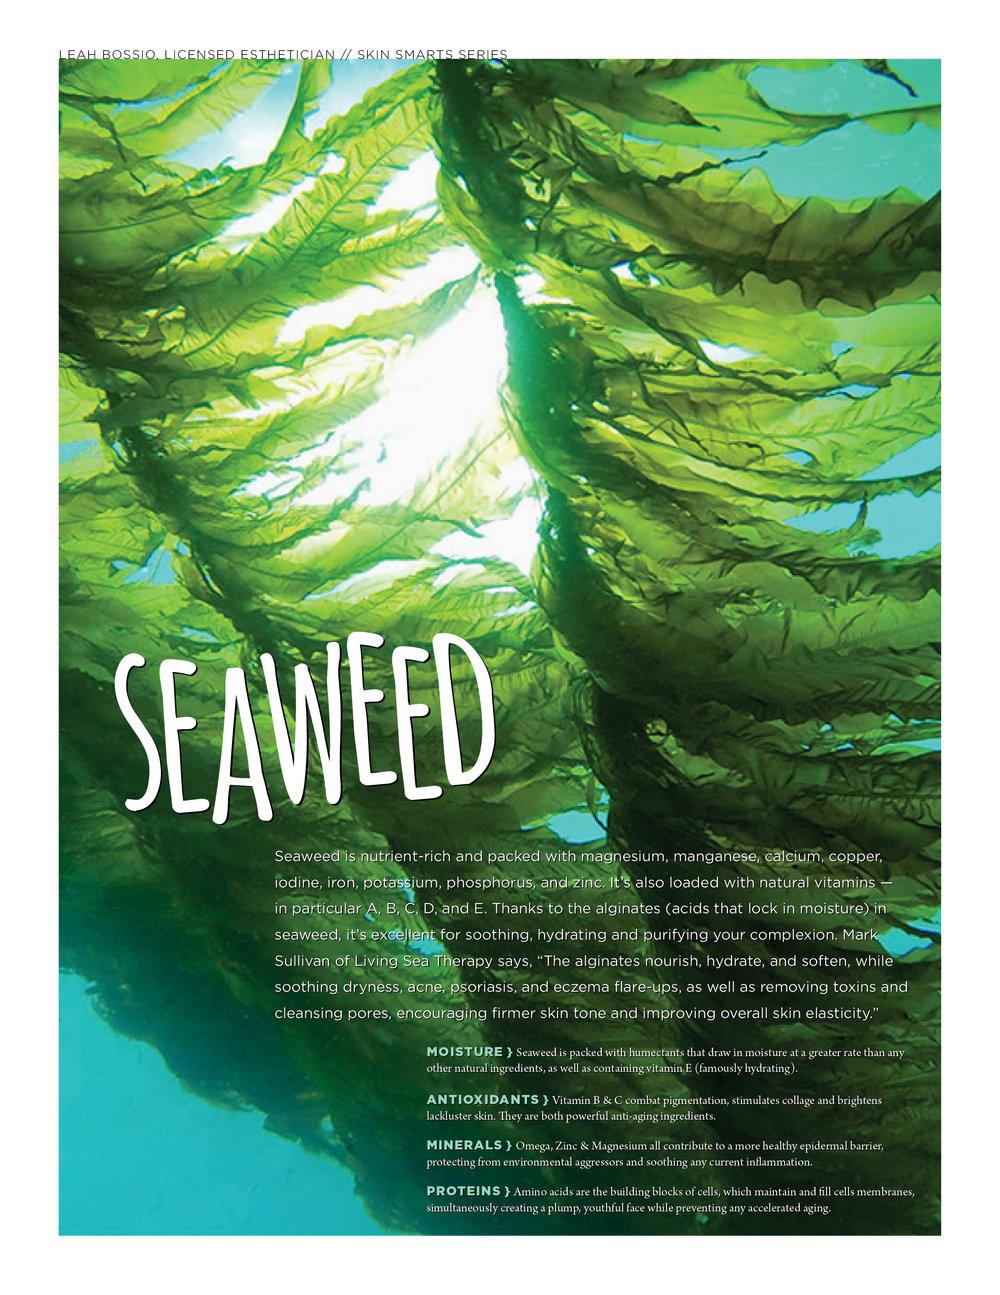 skinsmarts.seaweed.select.jpg